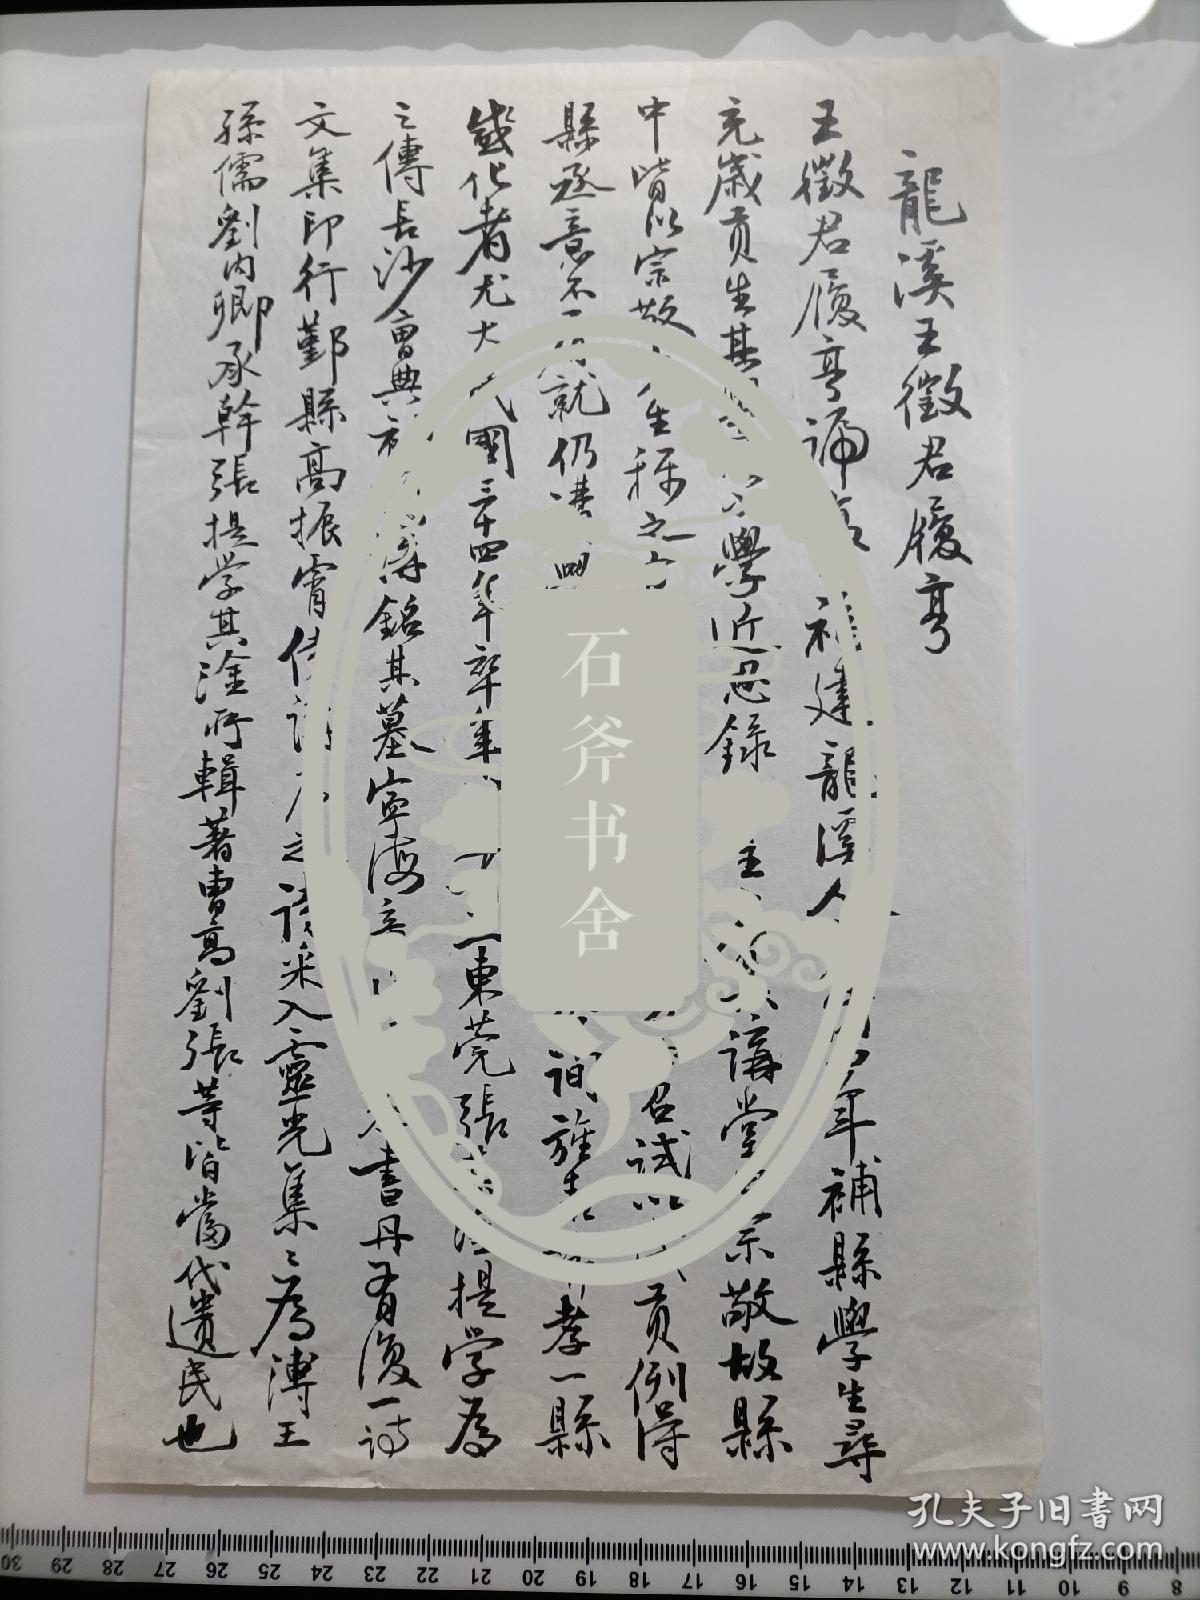 民国文献手稿一页(龙溪王征君履亨)